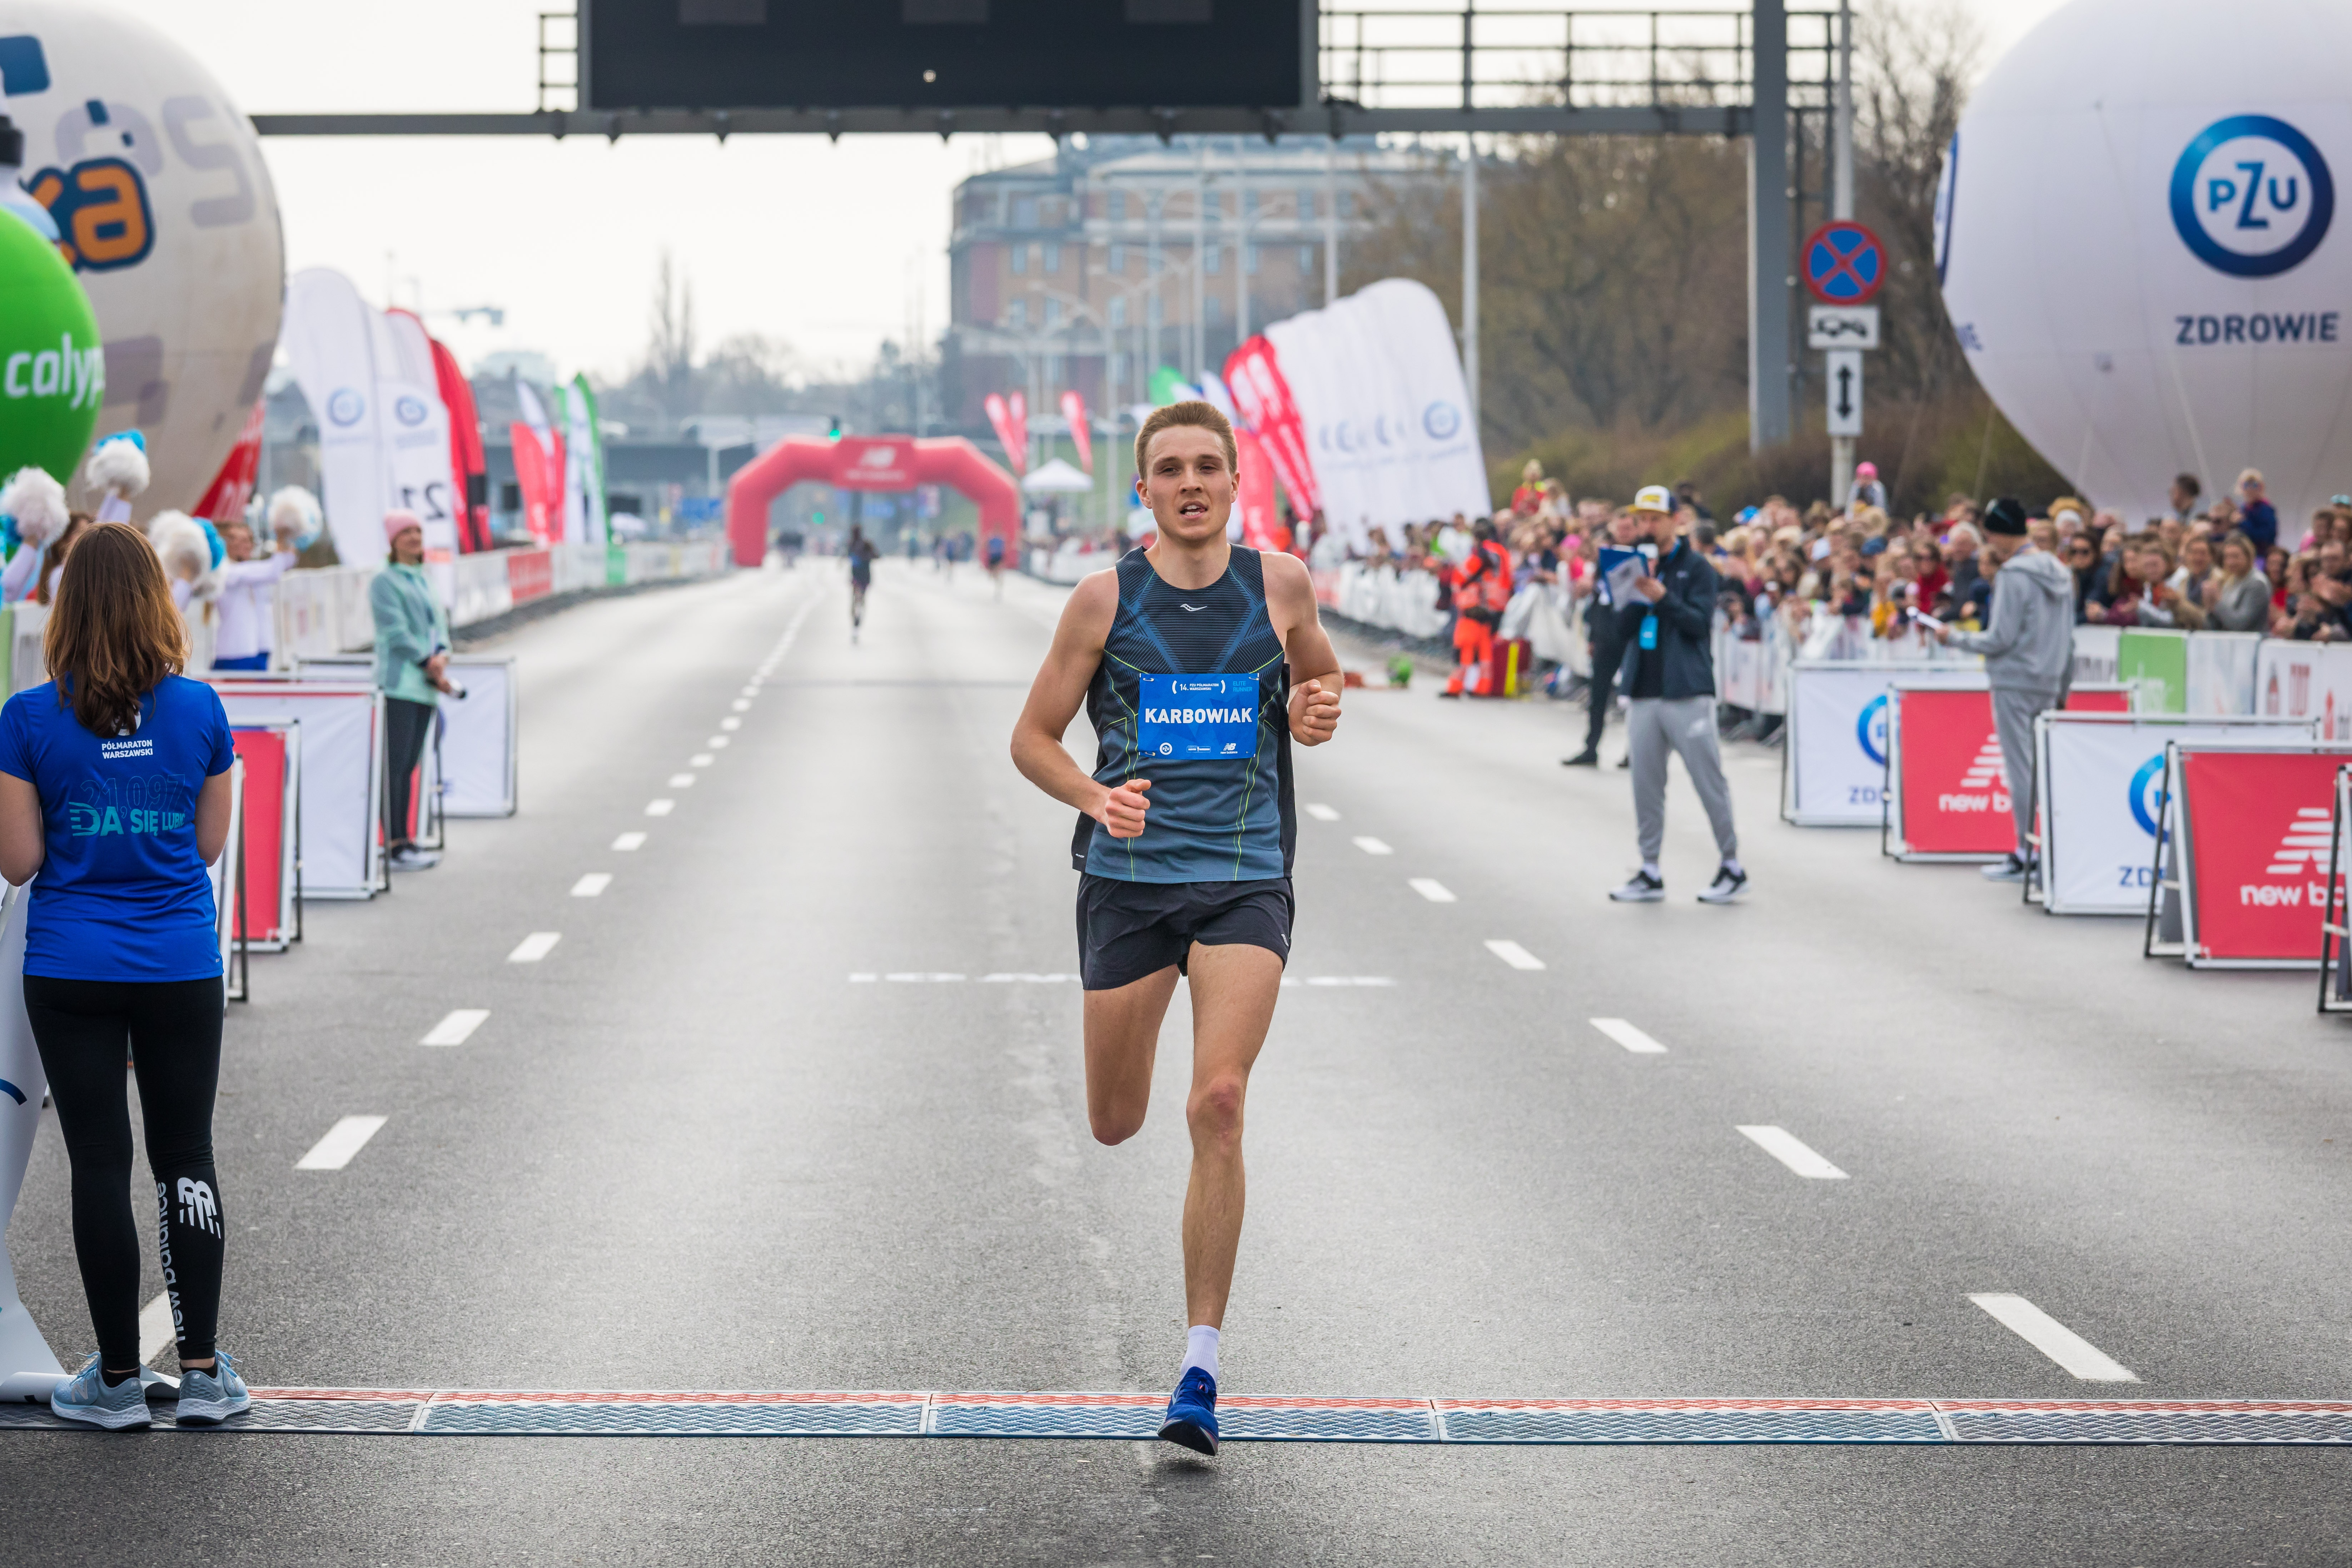 fot: Arkadiusz Ziolek/ East News. Warszawa, 14. PZU Polmaraton Warszawski 31.03.2019. n/z Meta i konaczacy bieg Kamil Karbowiak.